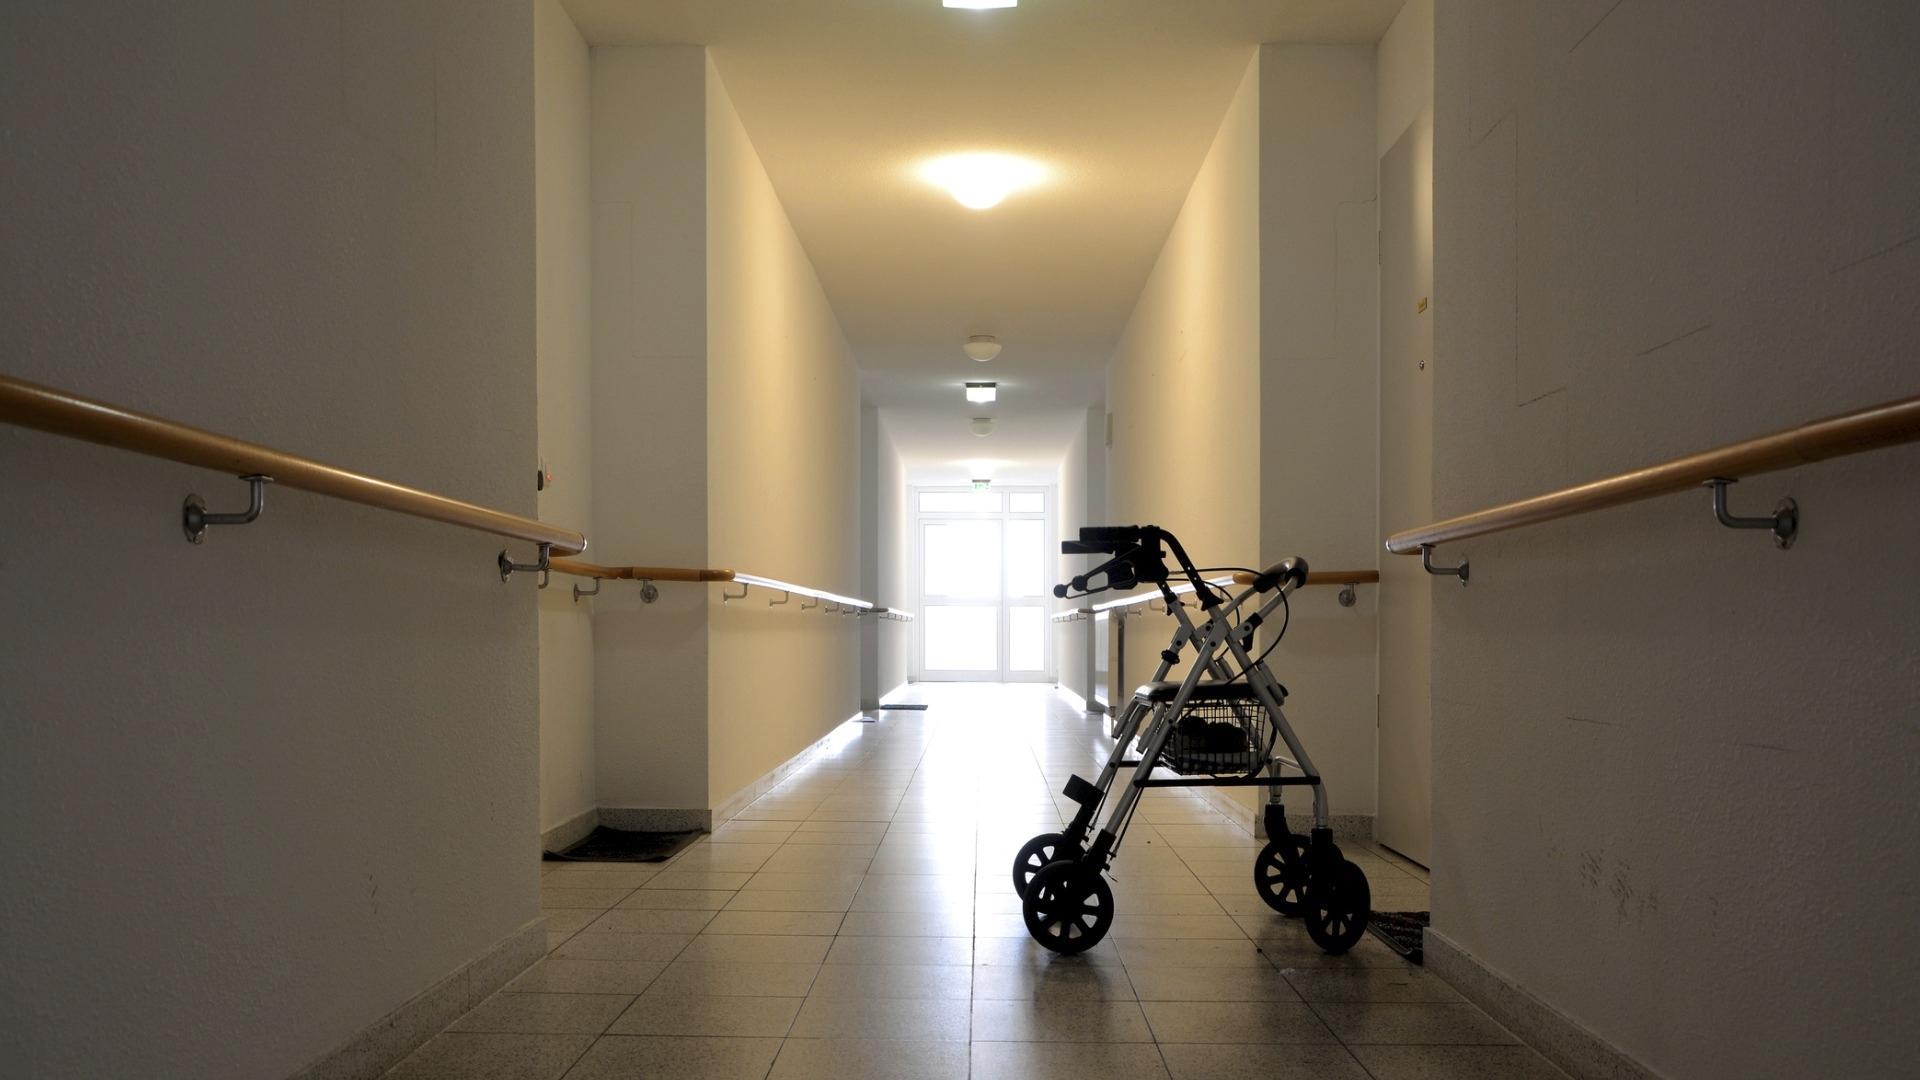 Hoivakodeissa tarvitaan saattohoitopalveluita koko ajan enemmän.